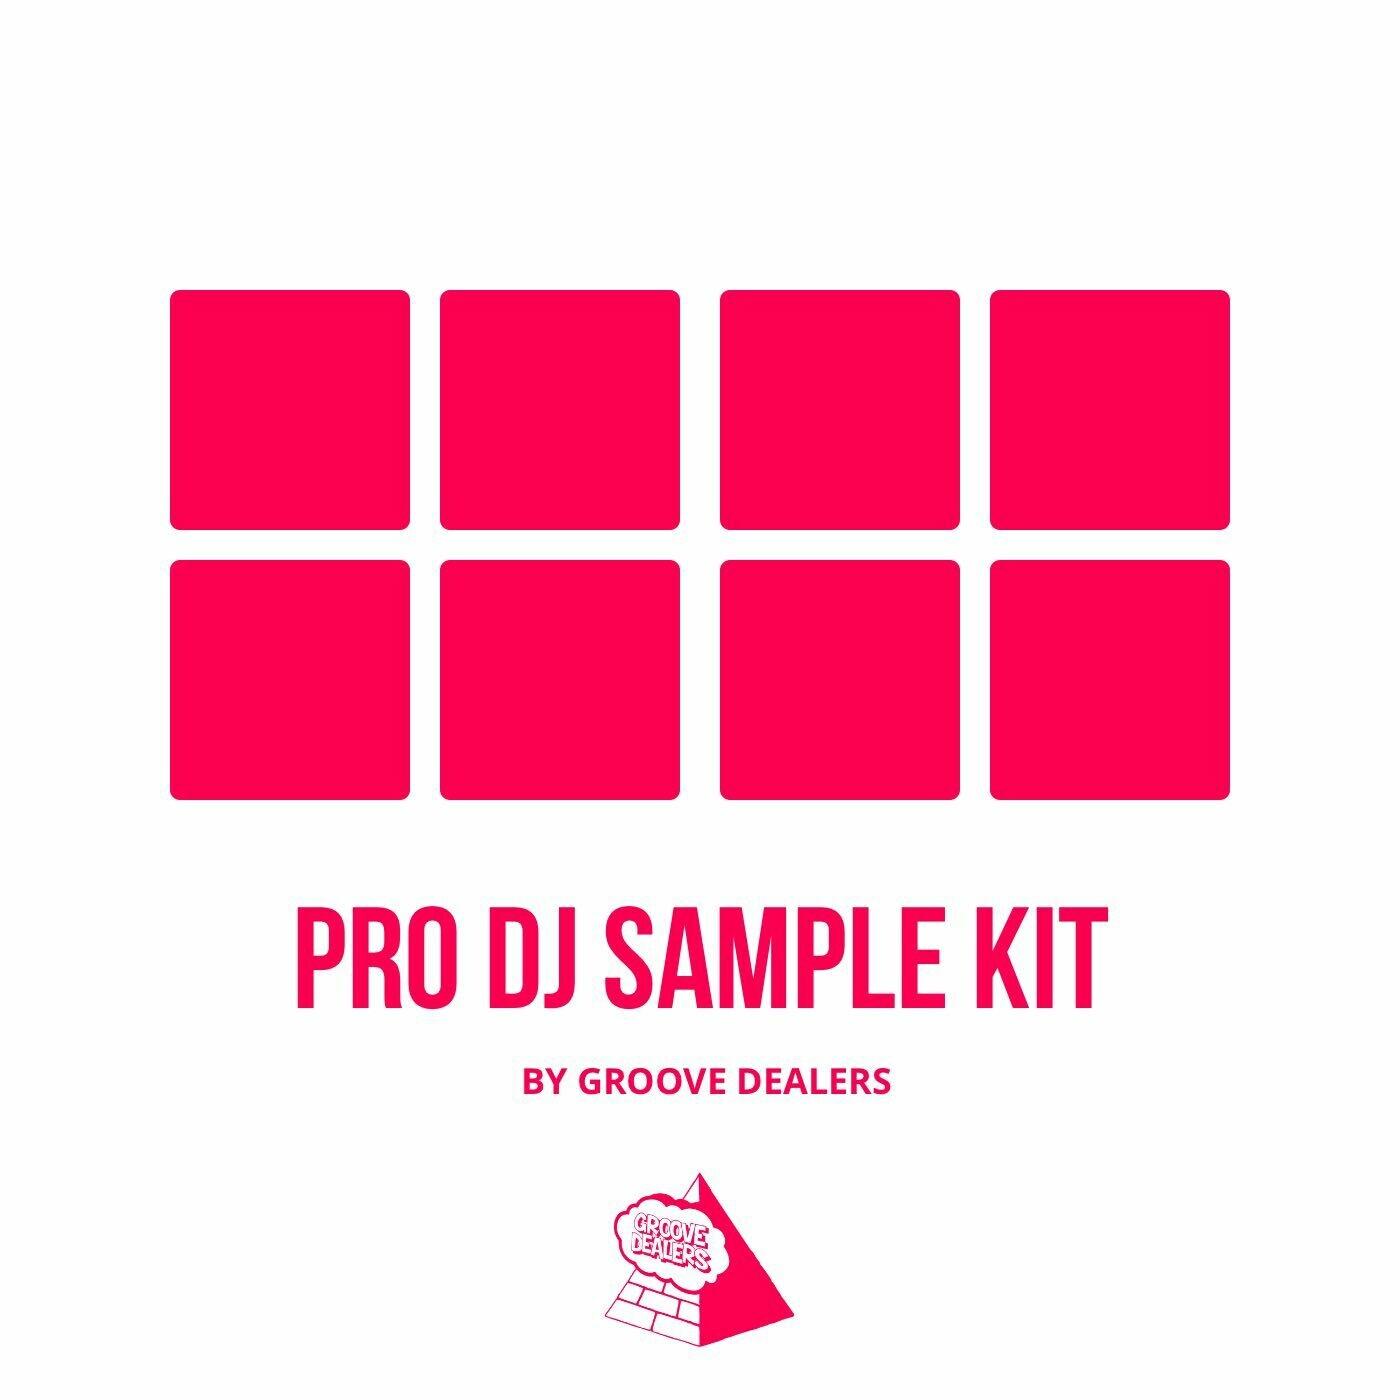 PRO DJ SAMPLE KIT